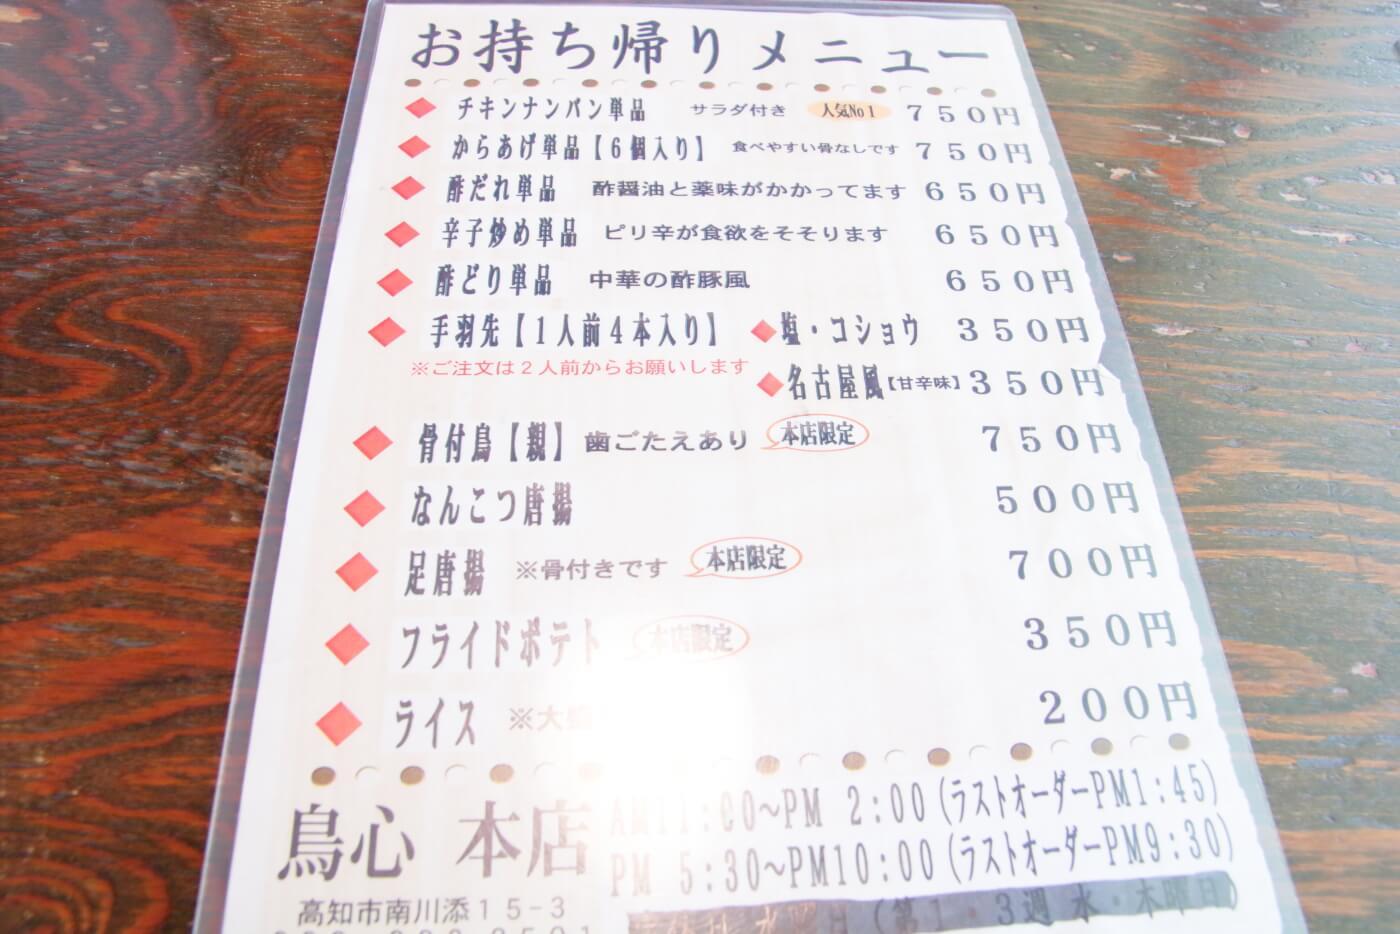 高知市の鶏料理屋さん 鳥心 お持ち帰りメニュー